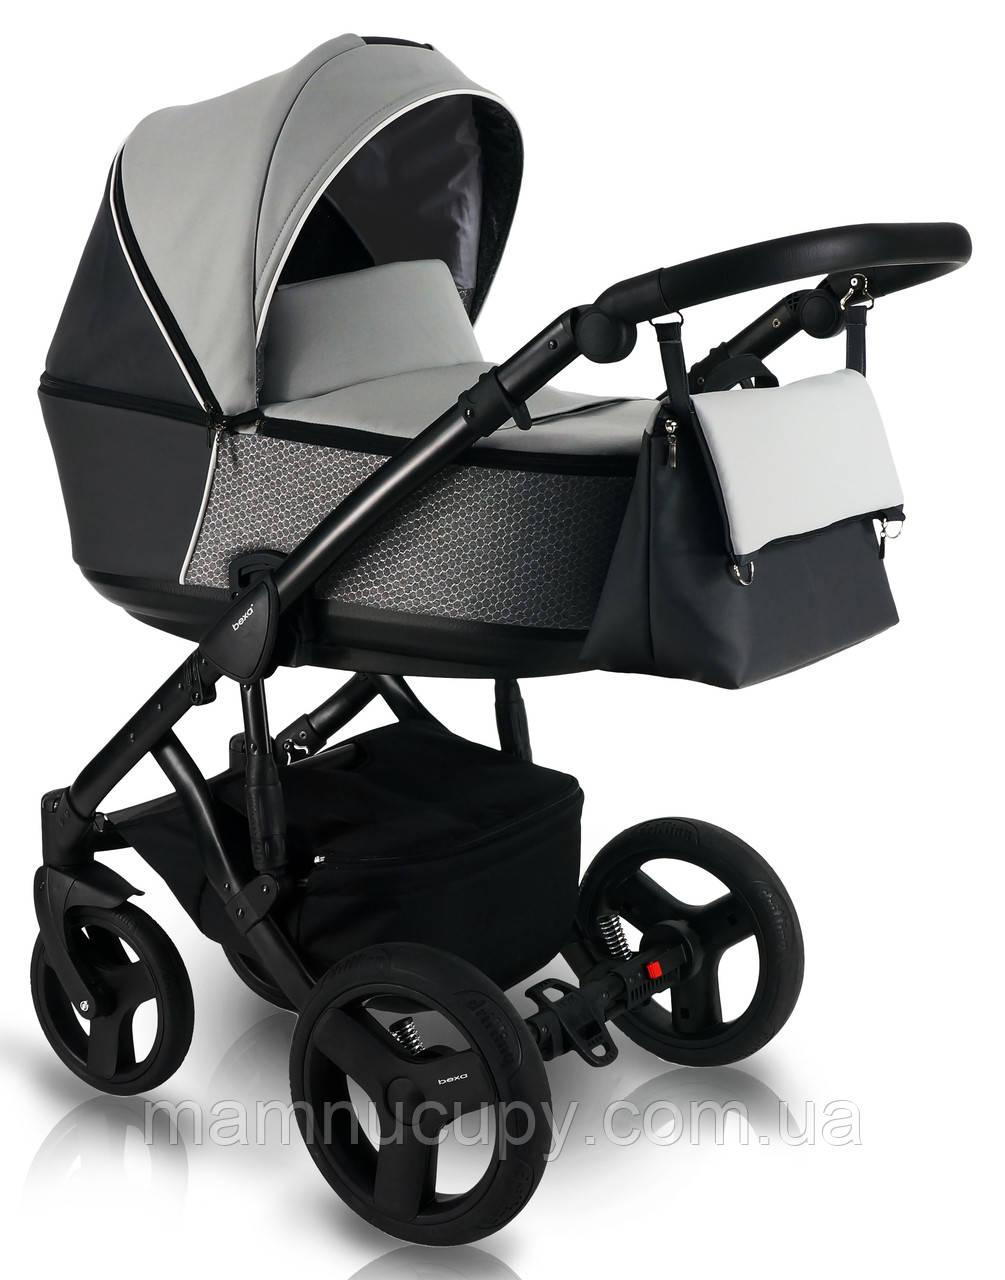 Универсальная детская коляска  2 в 1 Bexa Fresh Eco FL 311